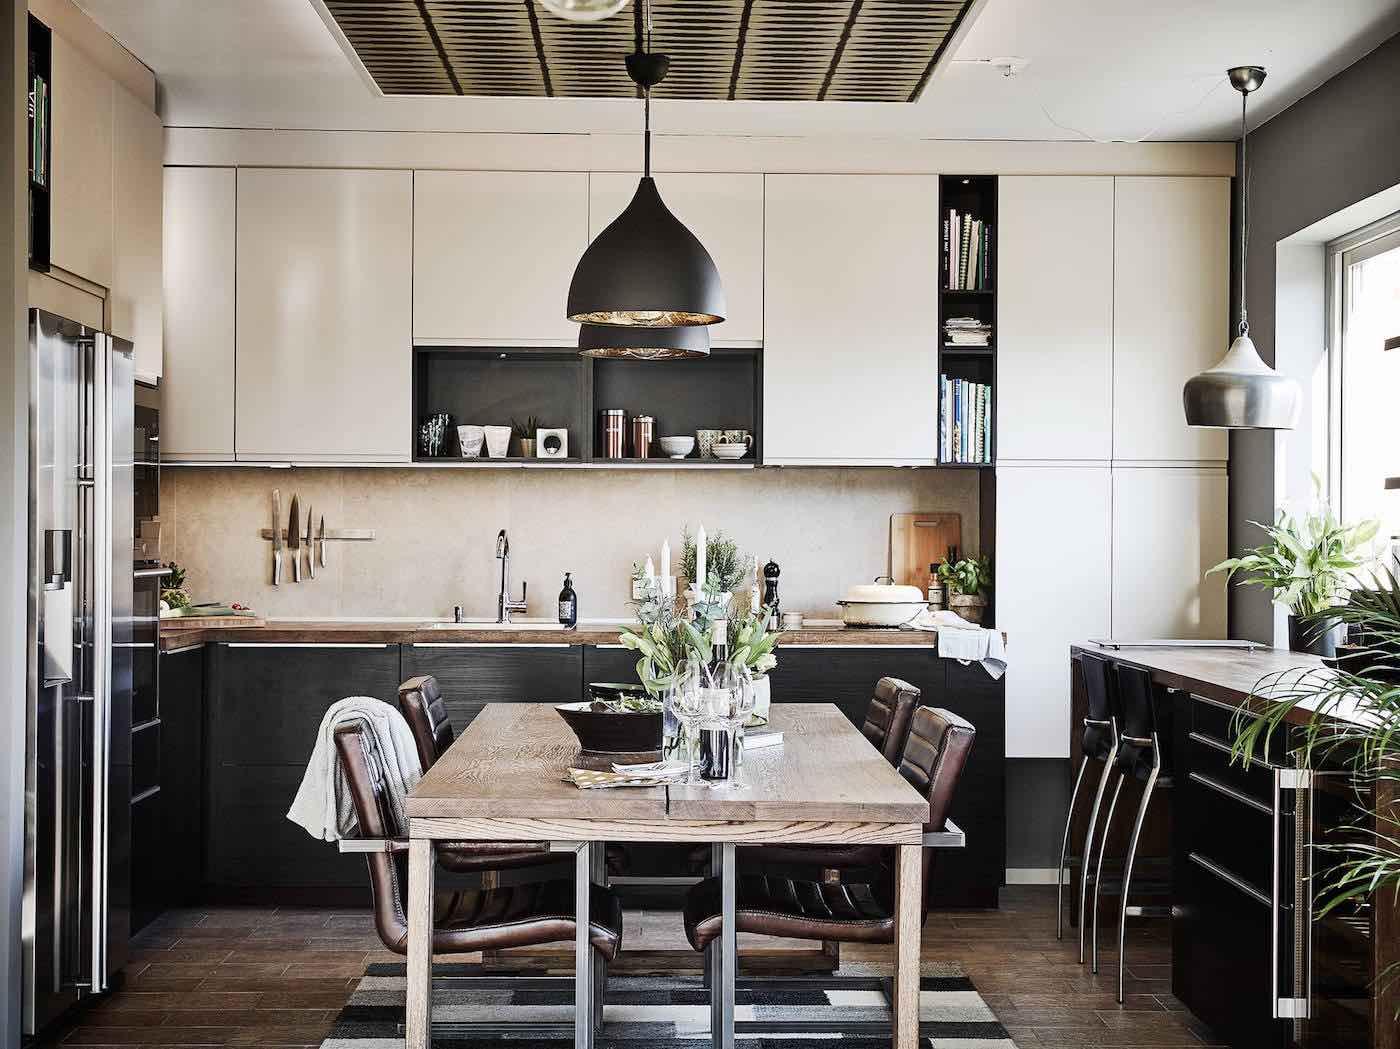 Offene Wohnküche mit dunklem Echtholz und industrial Lampen